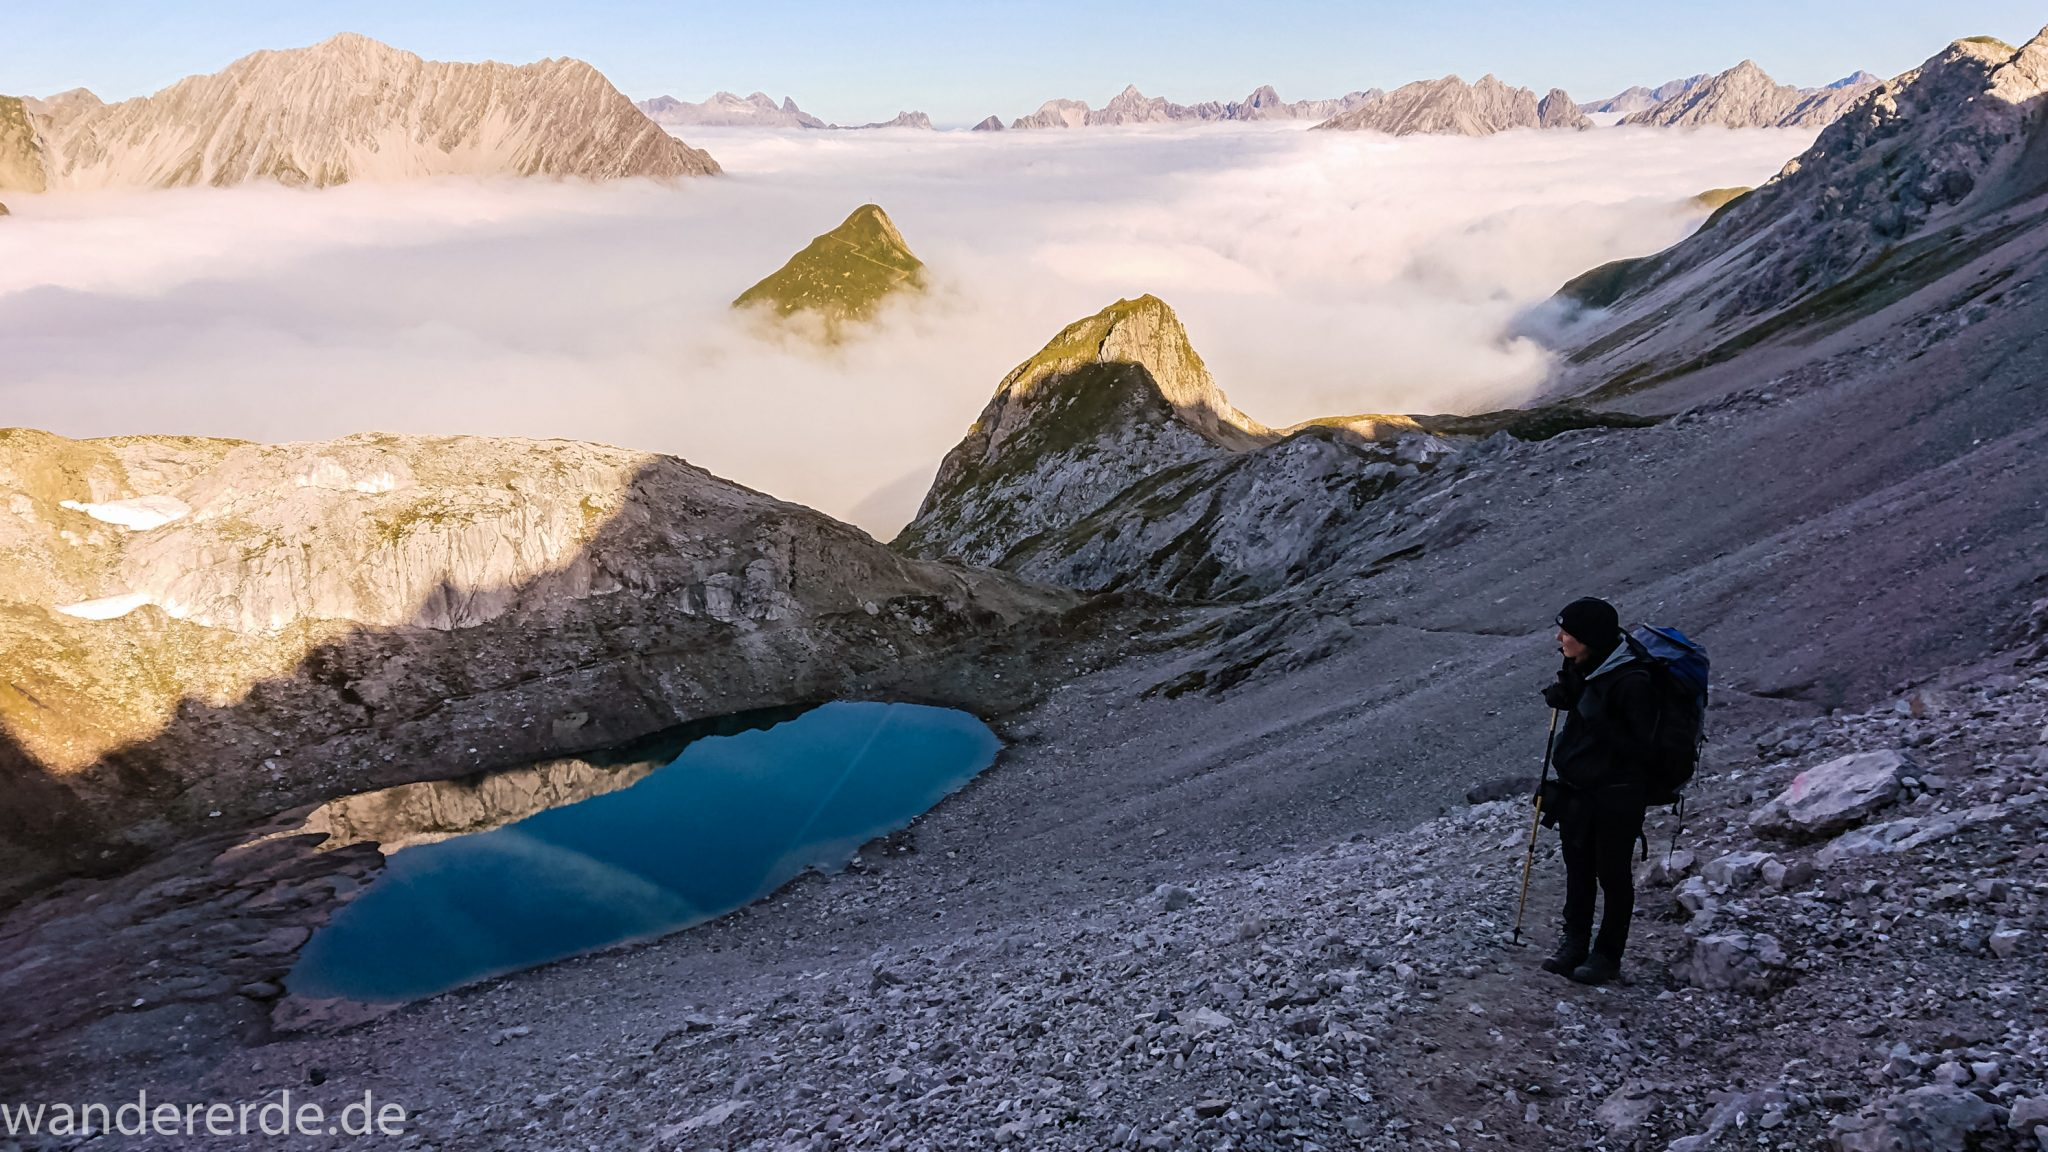 Alpenüberquerung Fernwanderweg E5 Oberstdorf Meran, 3. Etappe von Memminger Hütte zur Skihütte Zams, E5 Wanderweg führt zu Beginn der dritten Etappe ab der Memminger Hütte über steilen und ausgesetzten Wanderweg über die Seescharte, Wanderer blickt auf kristallklaren Bergsee während Aufstieg zur Seescharte auf sehr schmalen Wanderweg über viel Geröll, Aussicht auf Berge der Alpen die in Nebel gehüllt sind